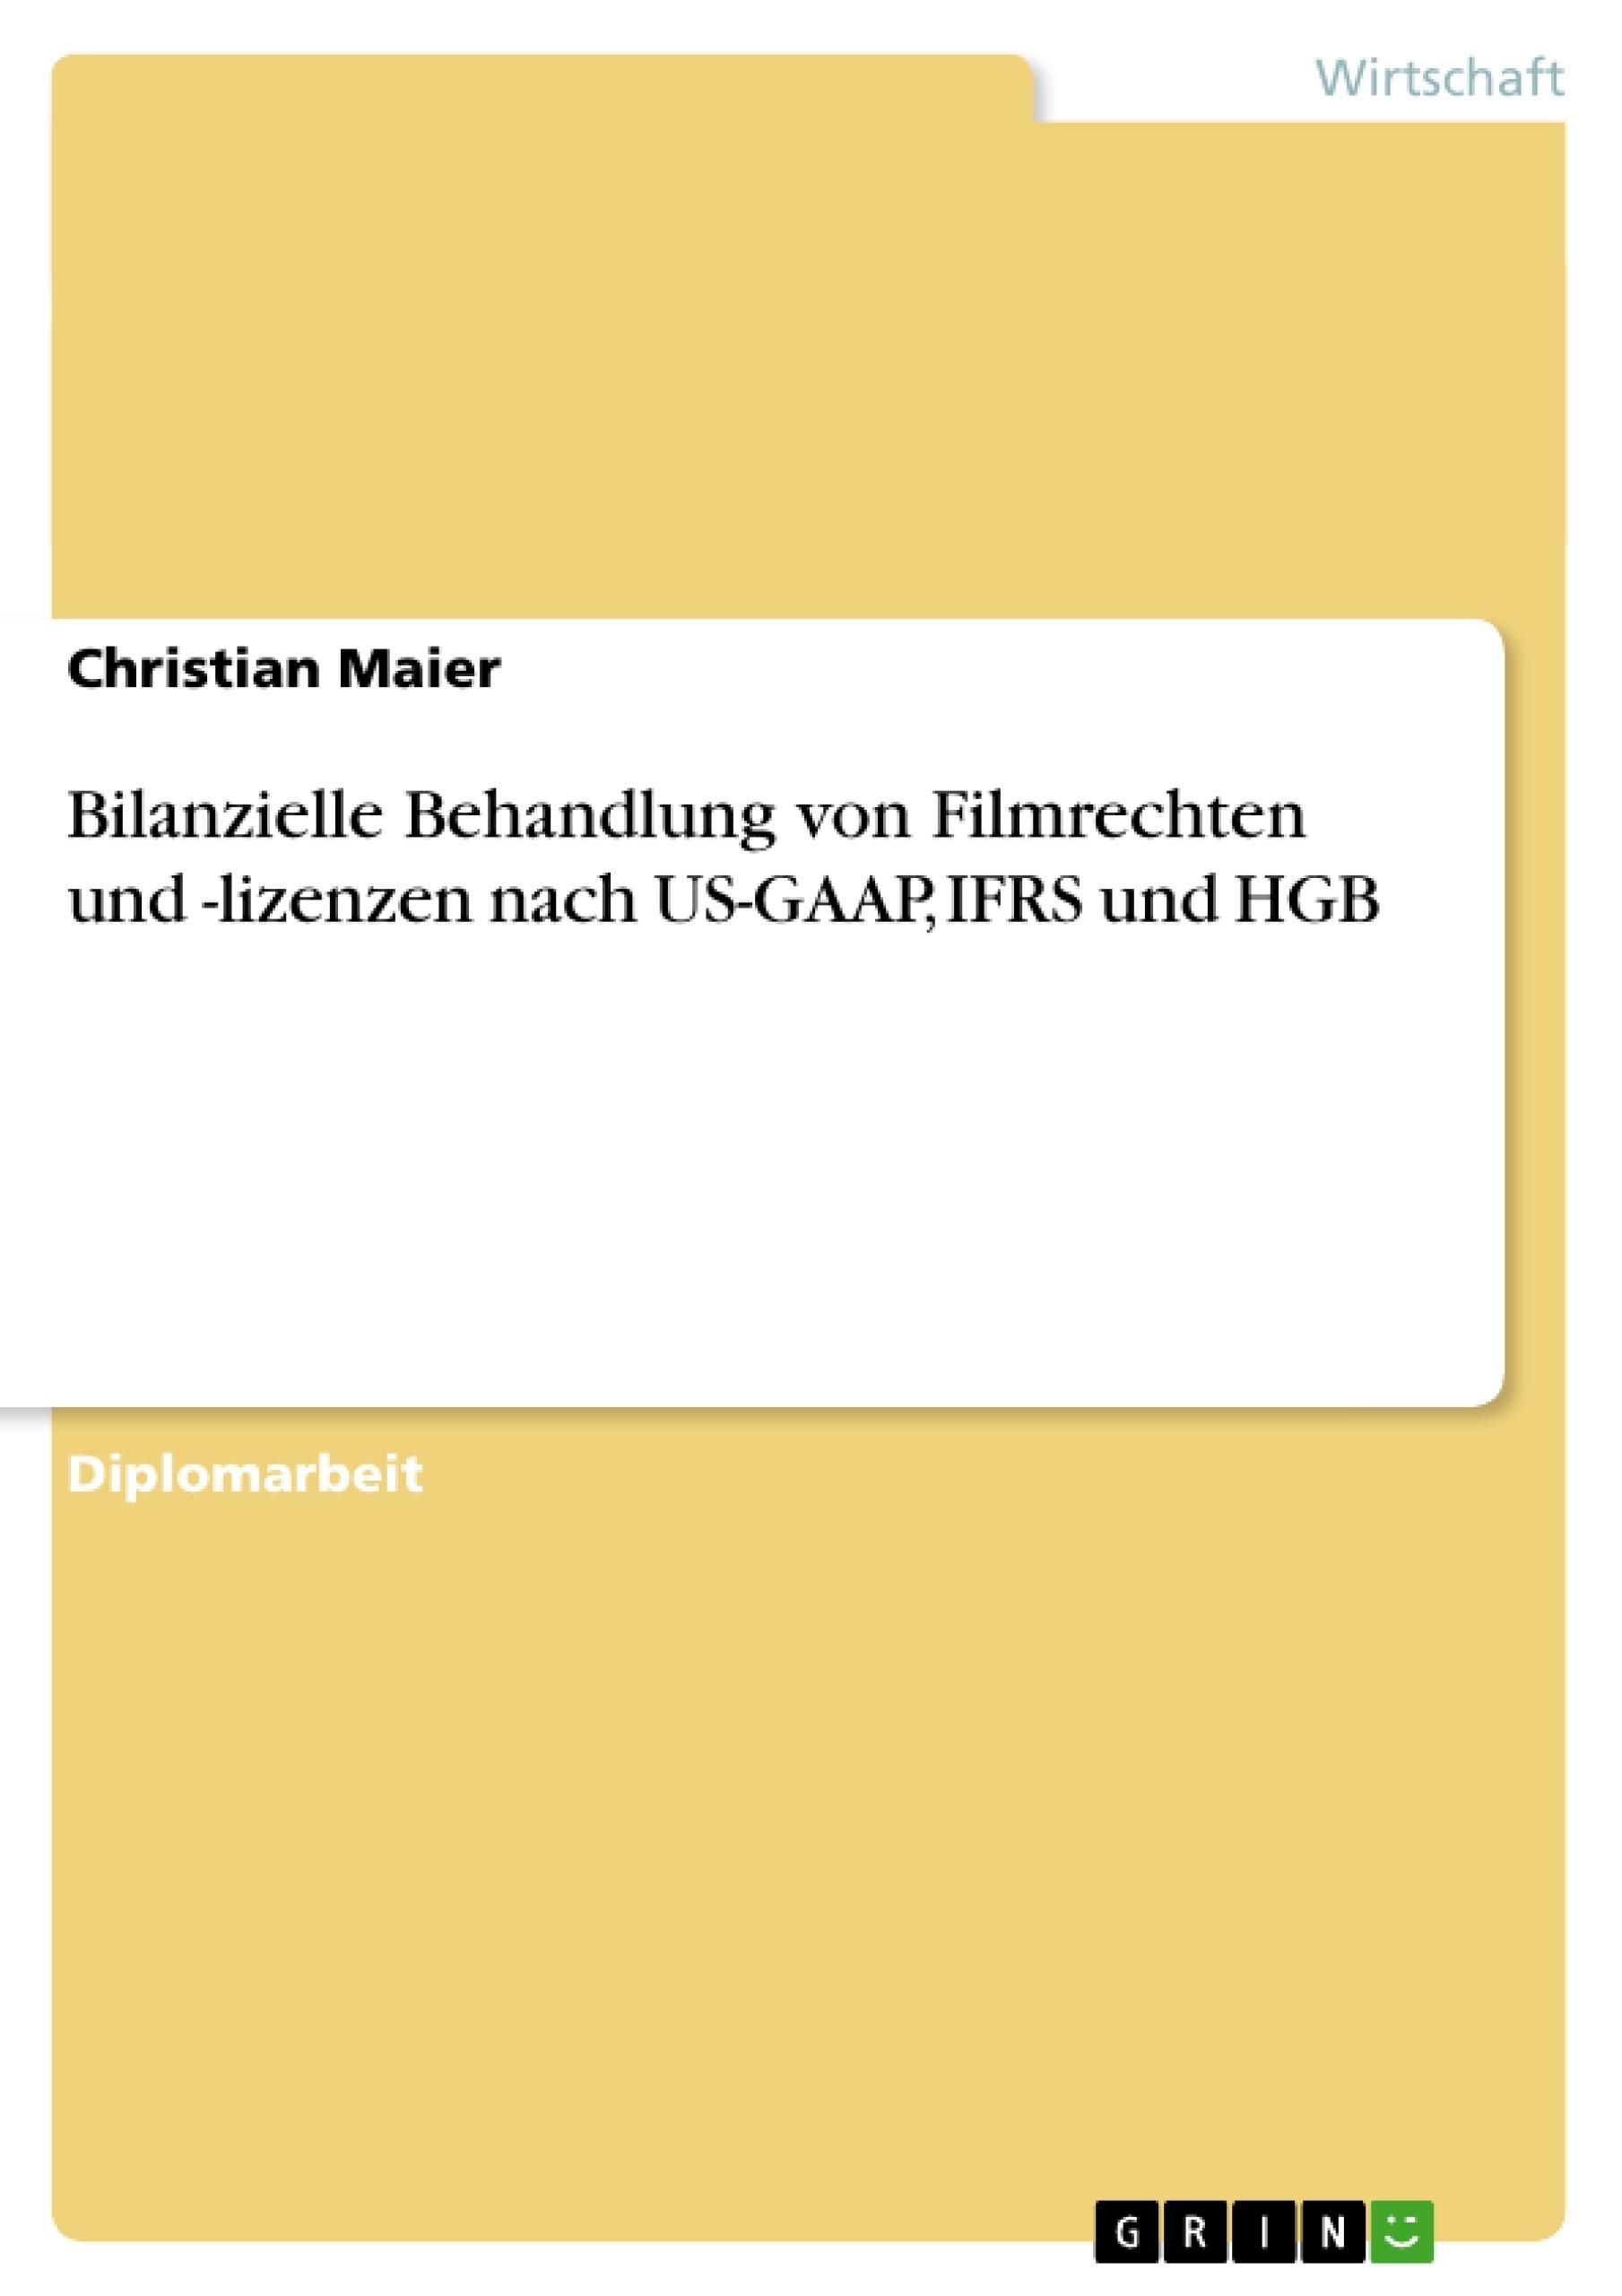 Titel: Bilanzielle Behandlung von Filmrechten und -lizenzen nach US-GAAP, IFRS und HGB